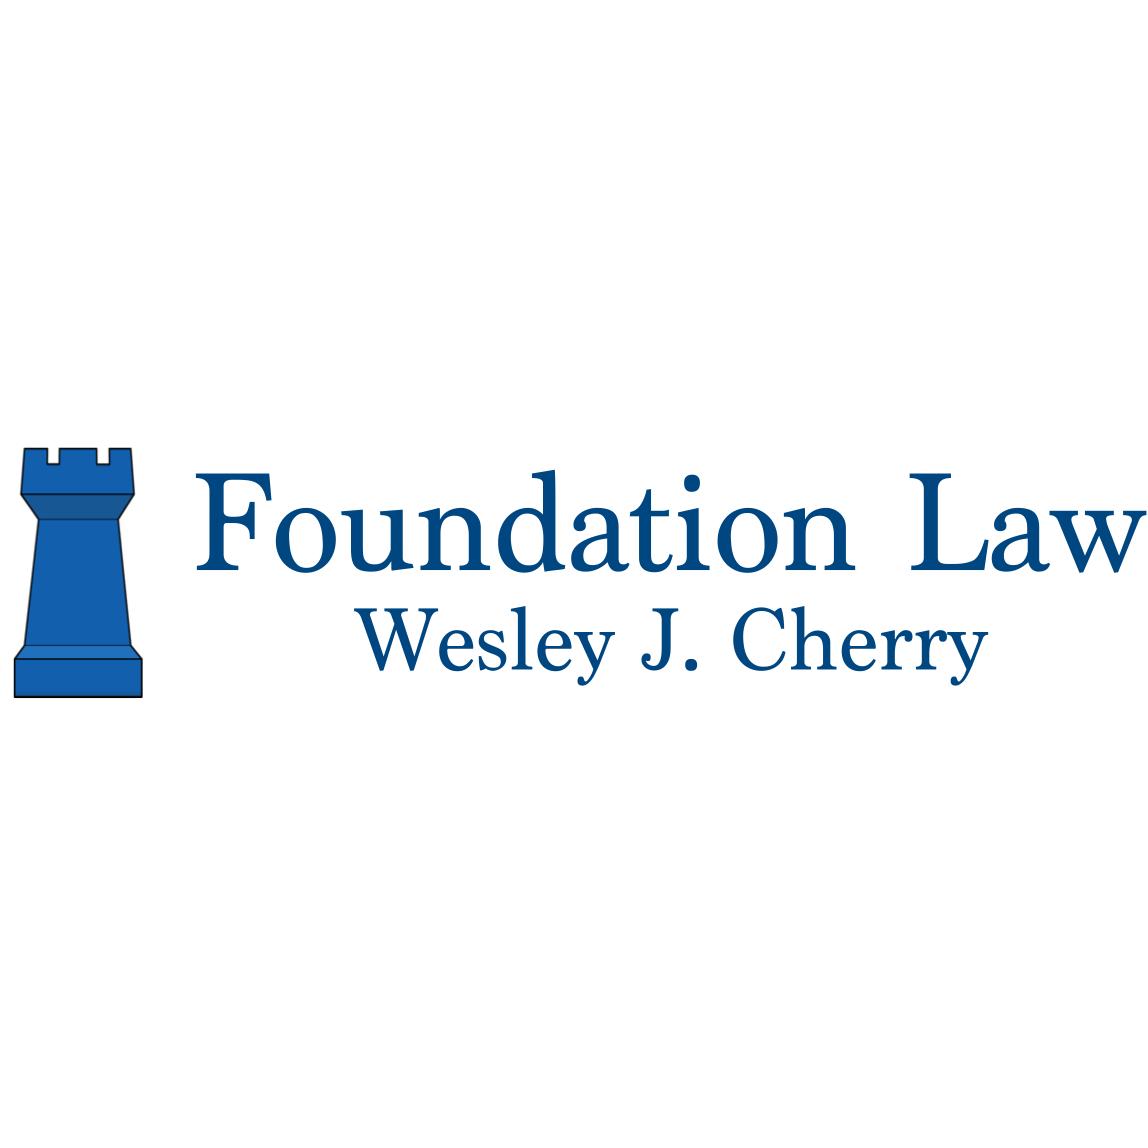 Foundation Law